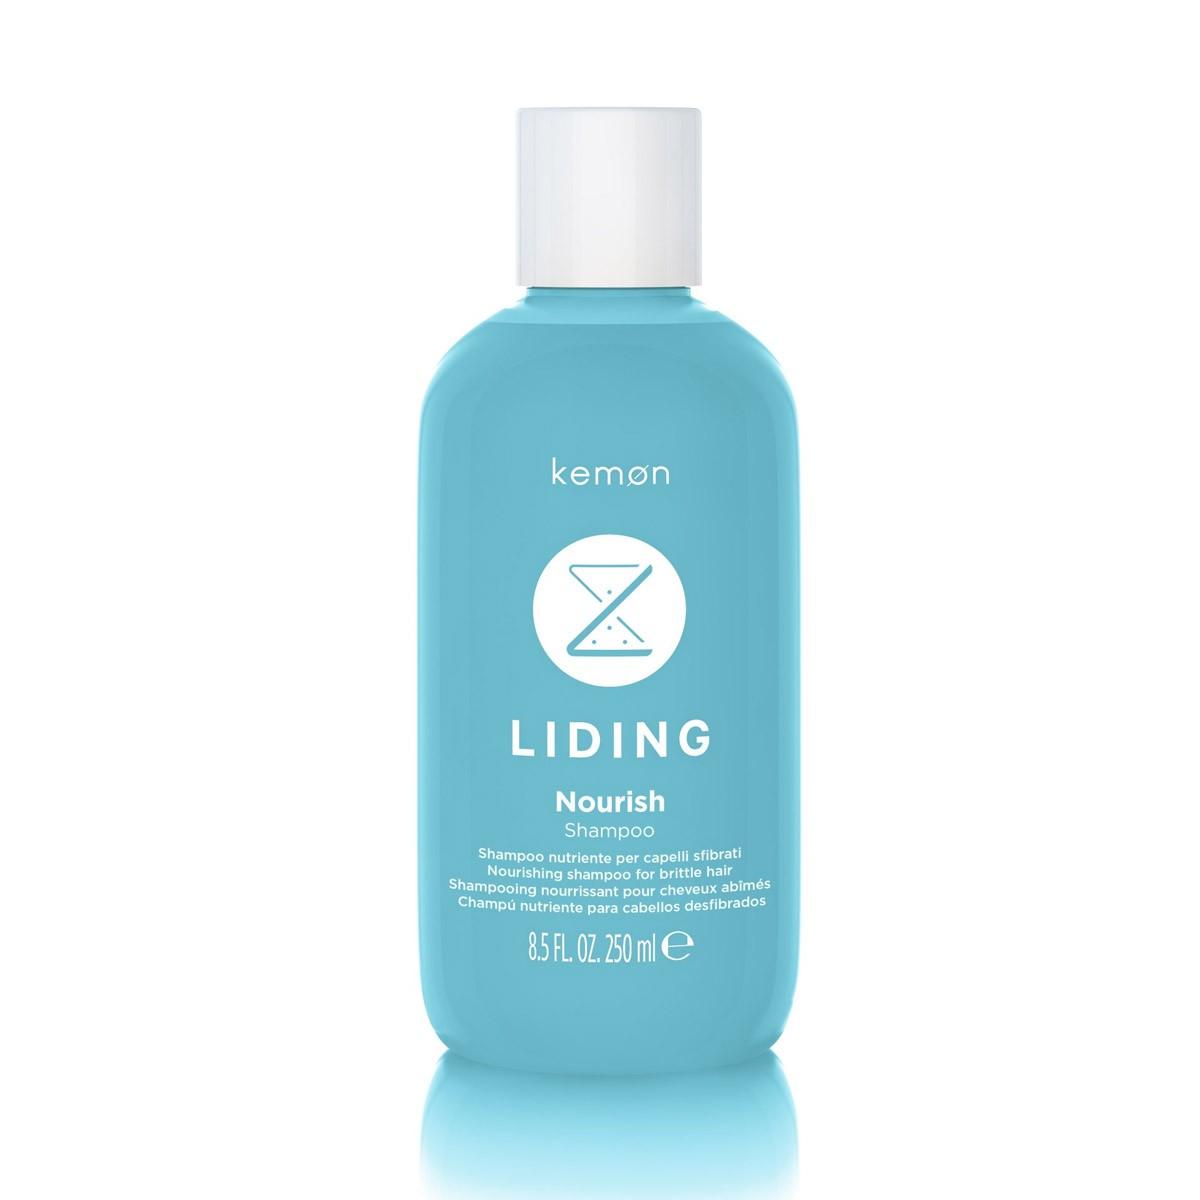 KEMON Liding Nourish Shampoo 250ml - Szampon odżywiający włosy